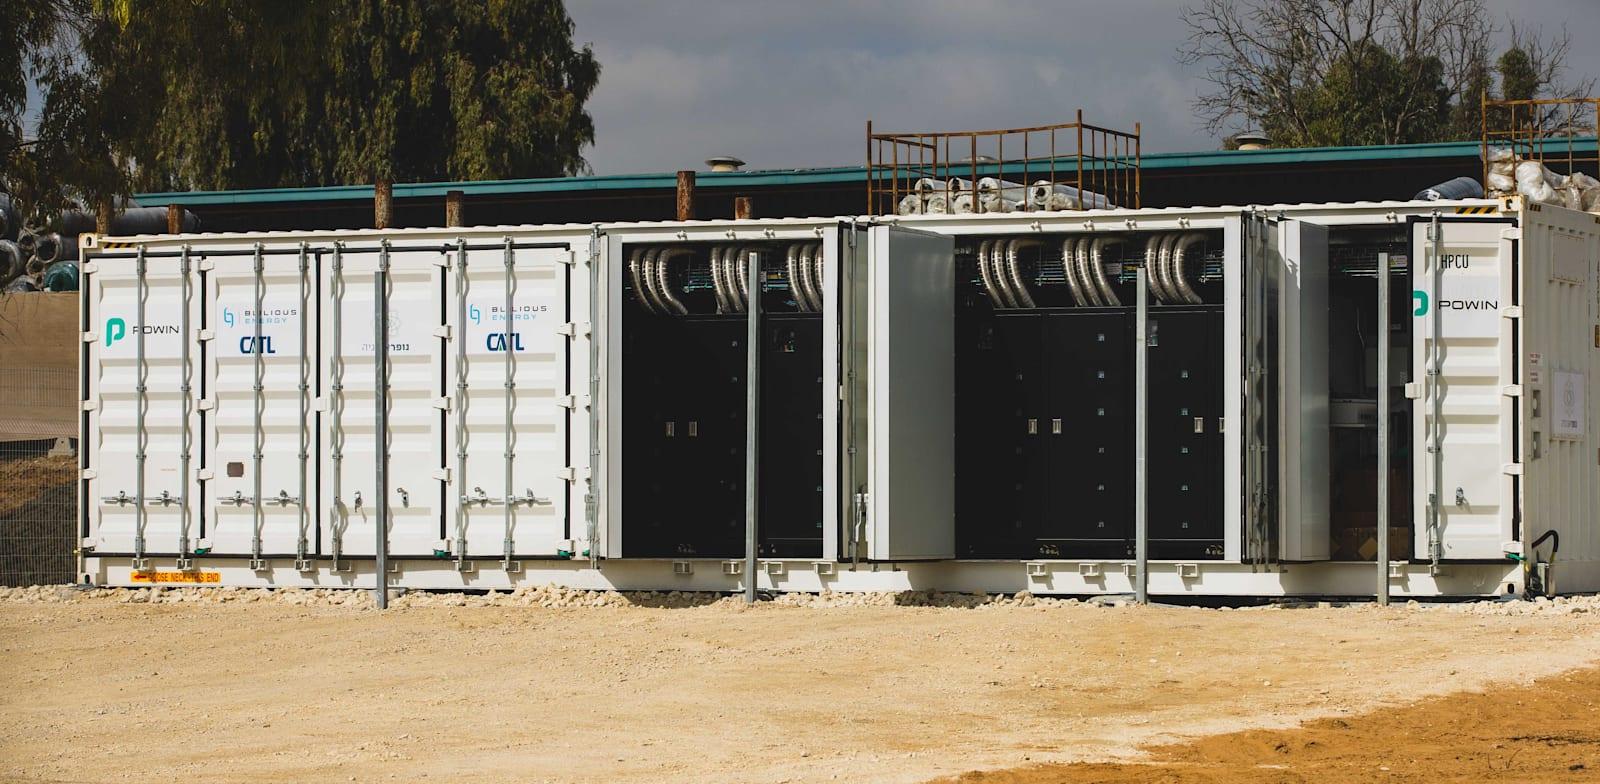 האוגר של חברת נופר אנרגיה / צילום: ארז עוזיר